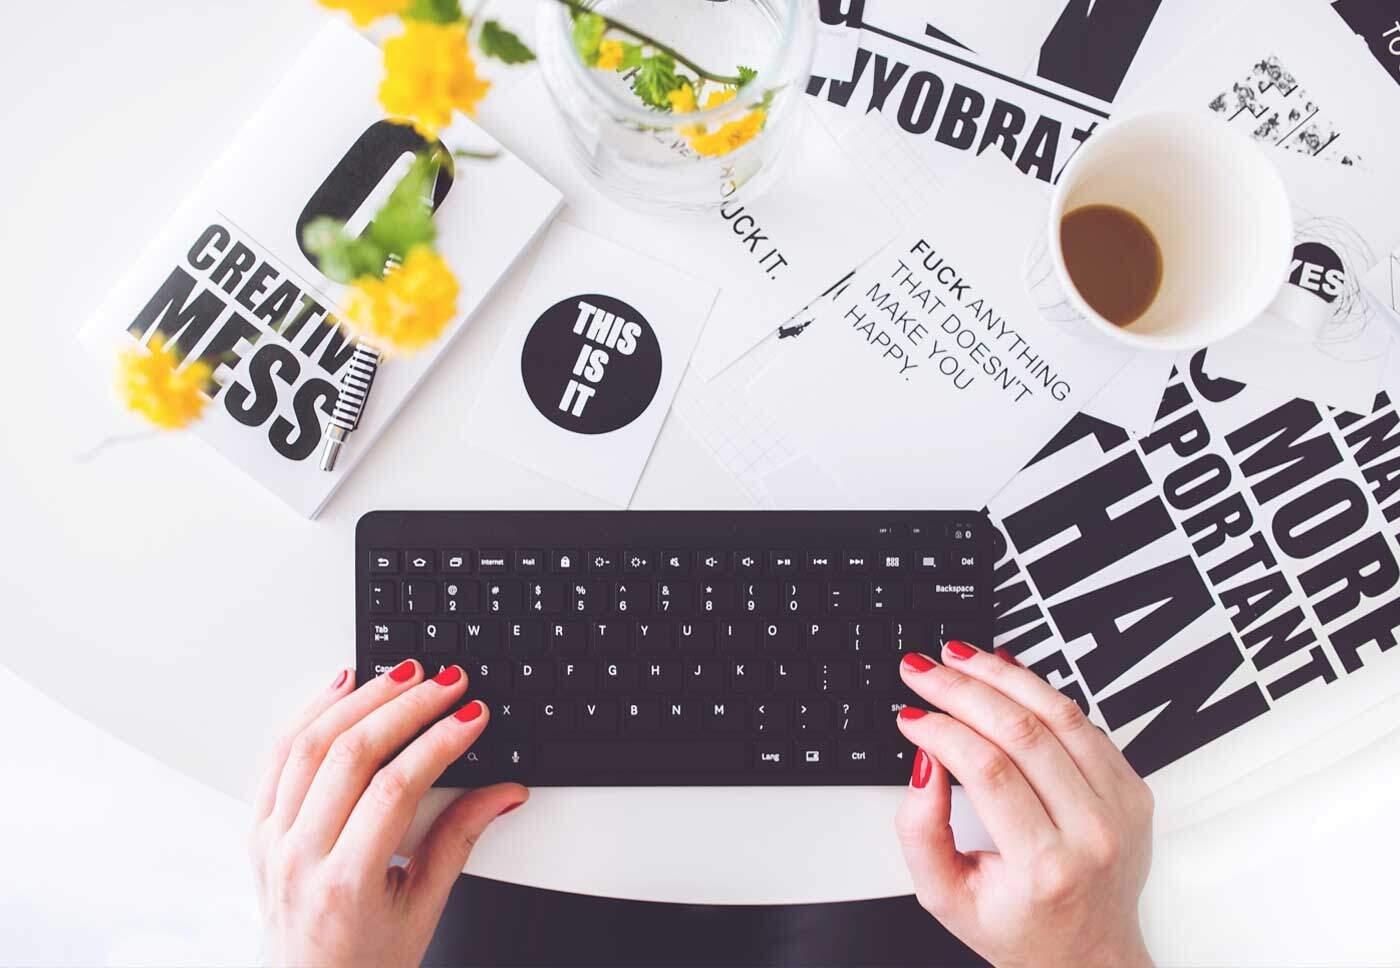 защо-сайтът-ни-се-нуждае-от-блог